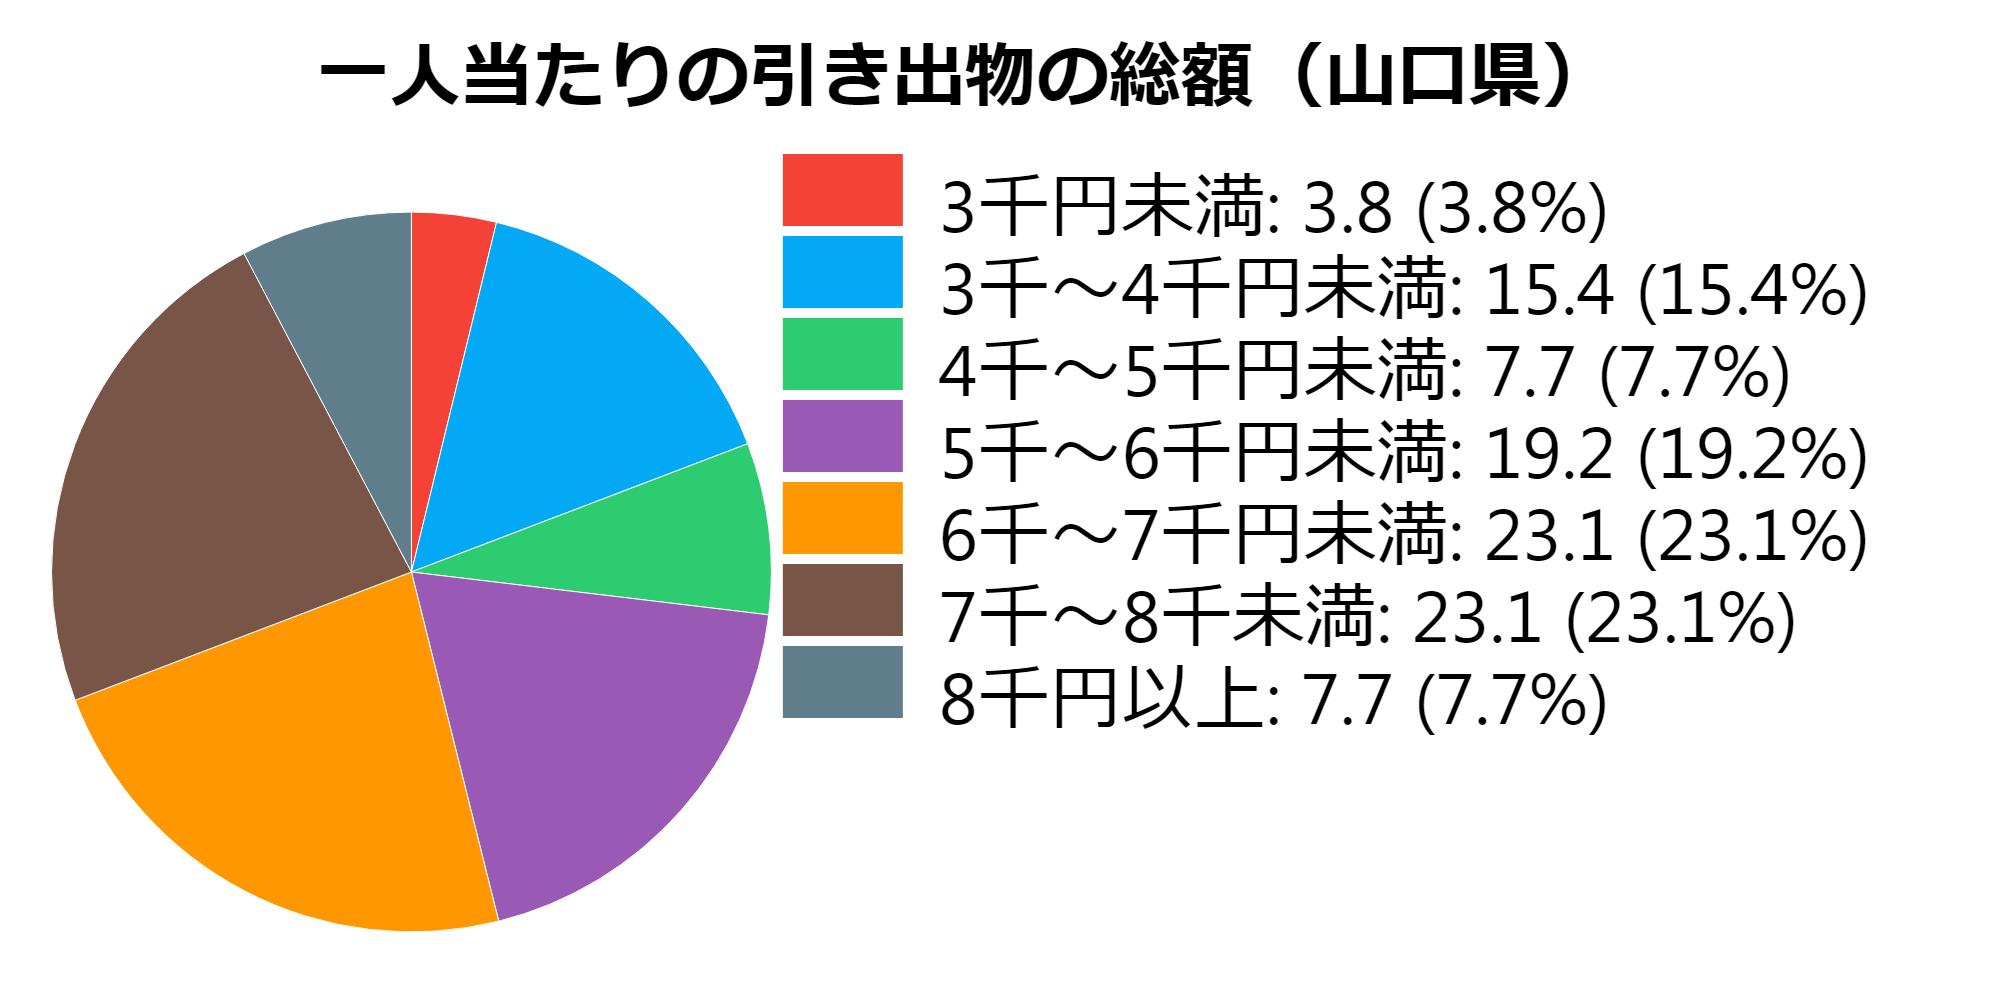 総額(山口県)